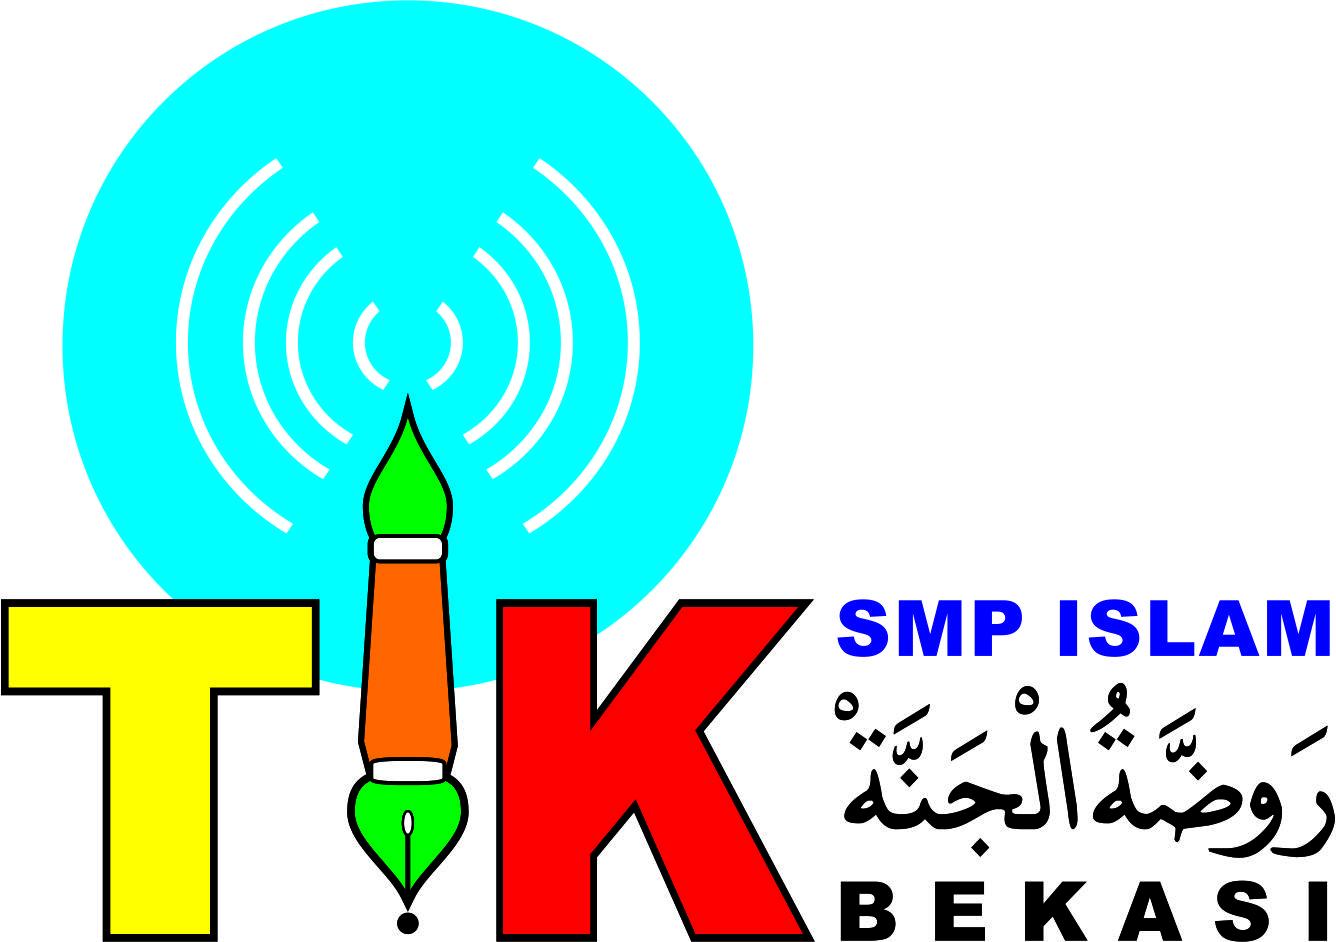 logo tik smp islam raudhatul jannah bekasi � agunawanys blog